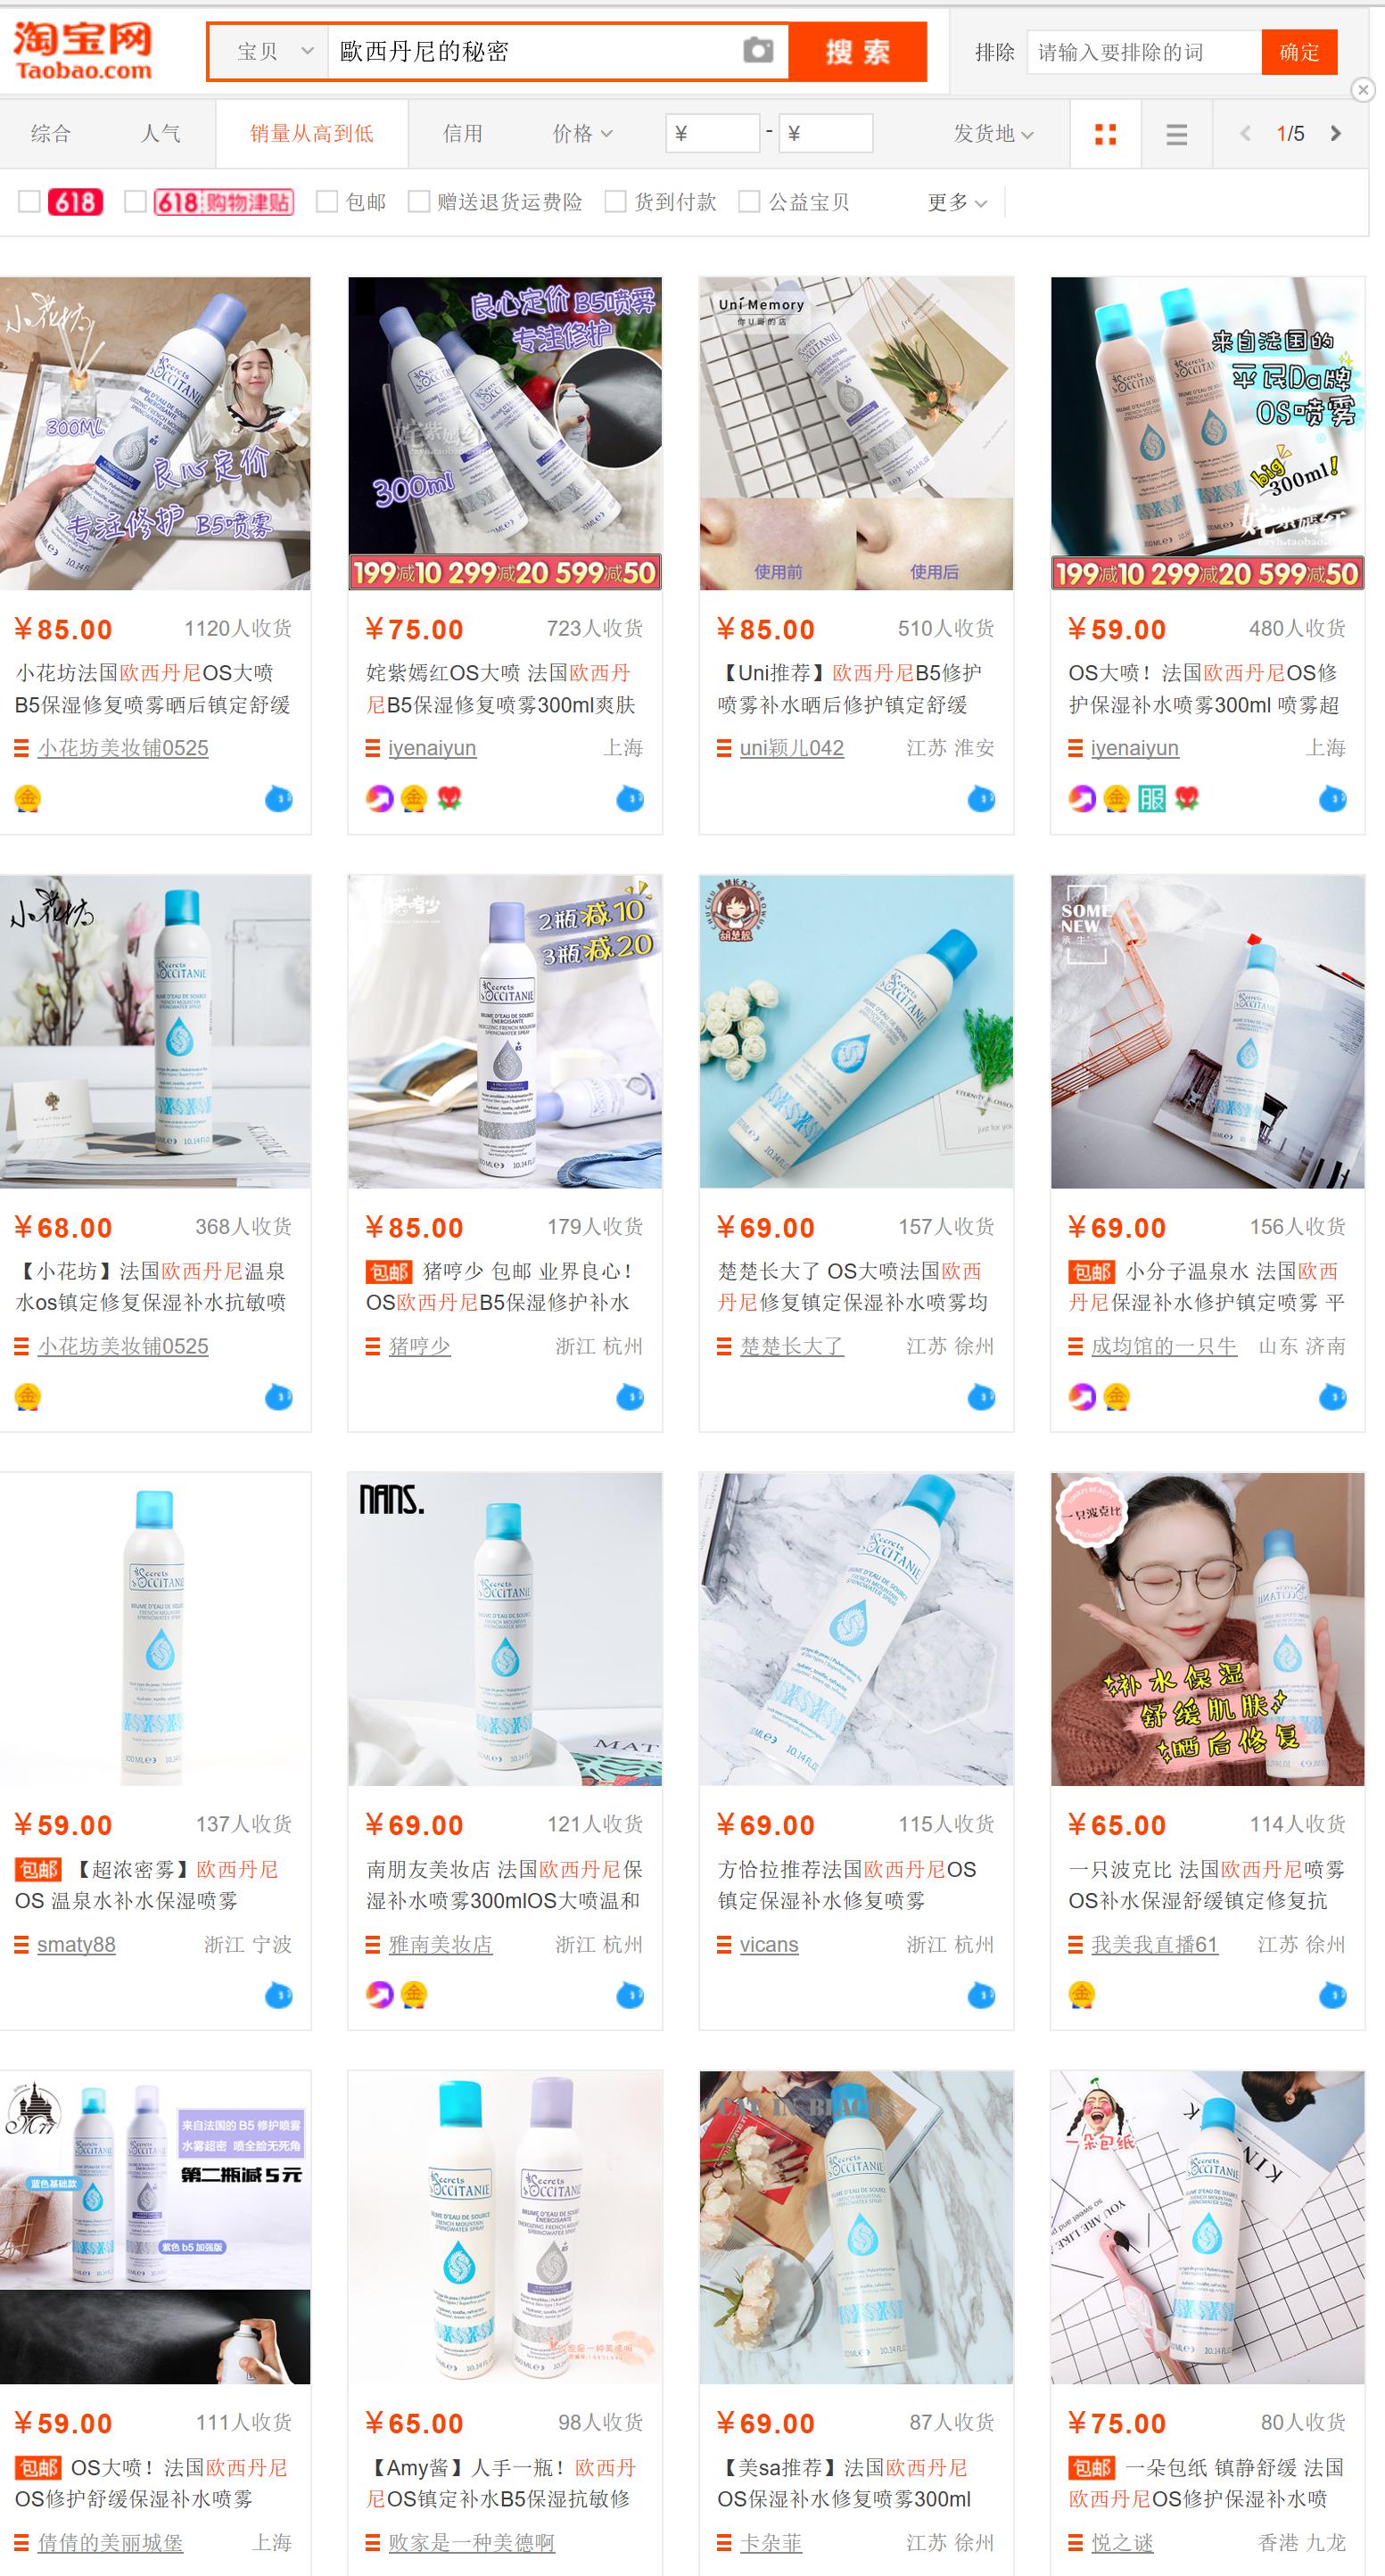 SO_TaoBao_June18.png